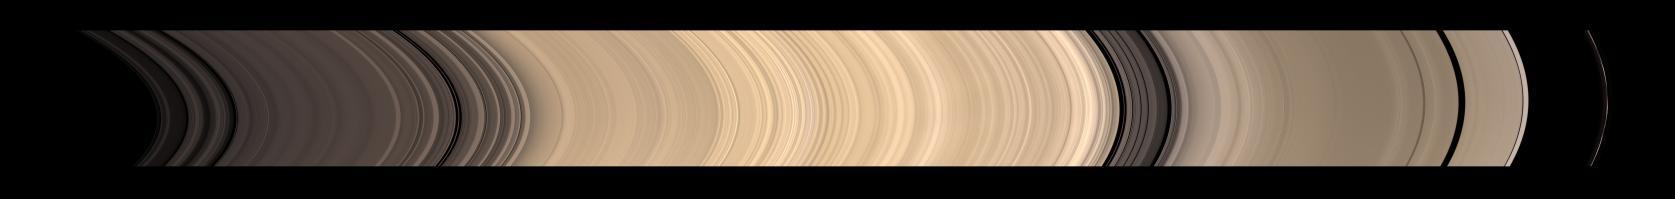 Una vista panoramica del sistema di anelli principali di Saturno. Crediti: NASA/JPL-Caltech/Space Science Institute